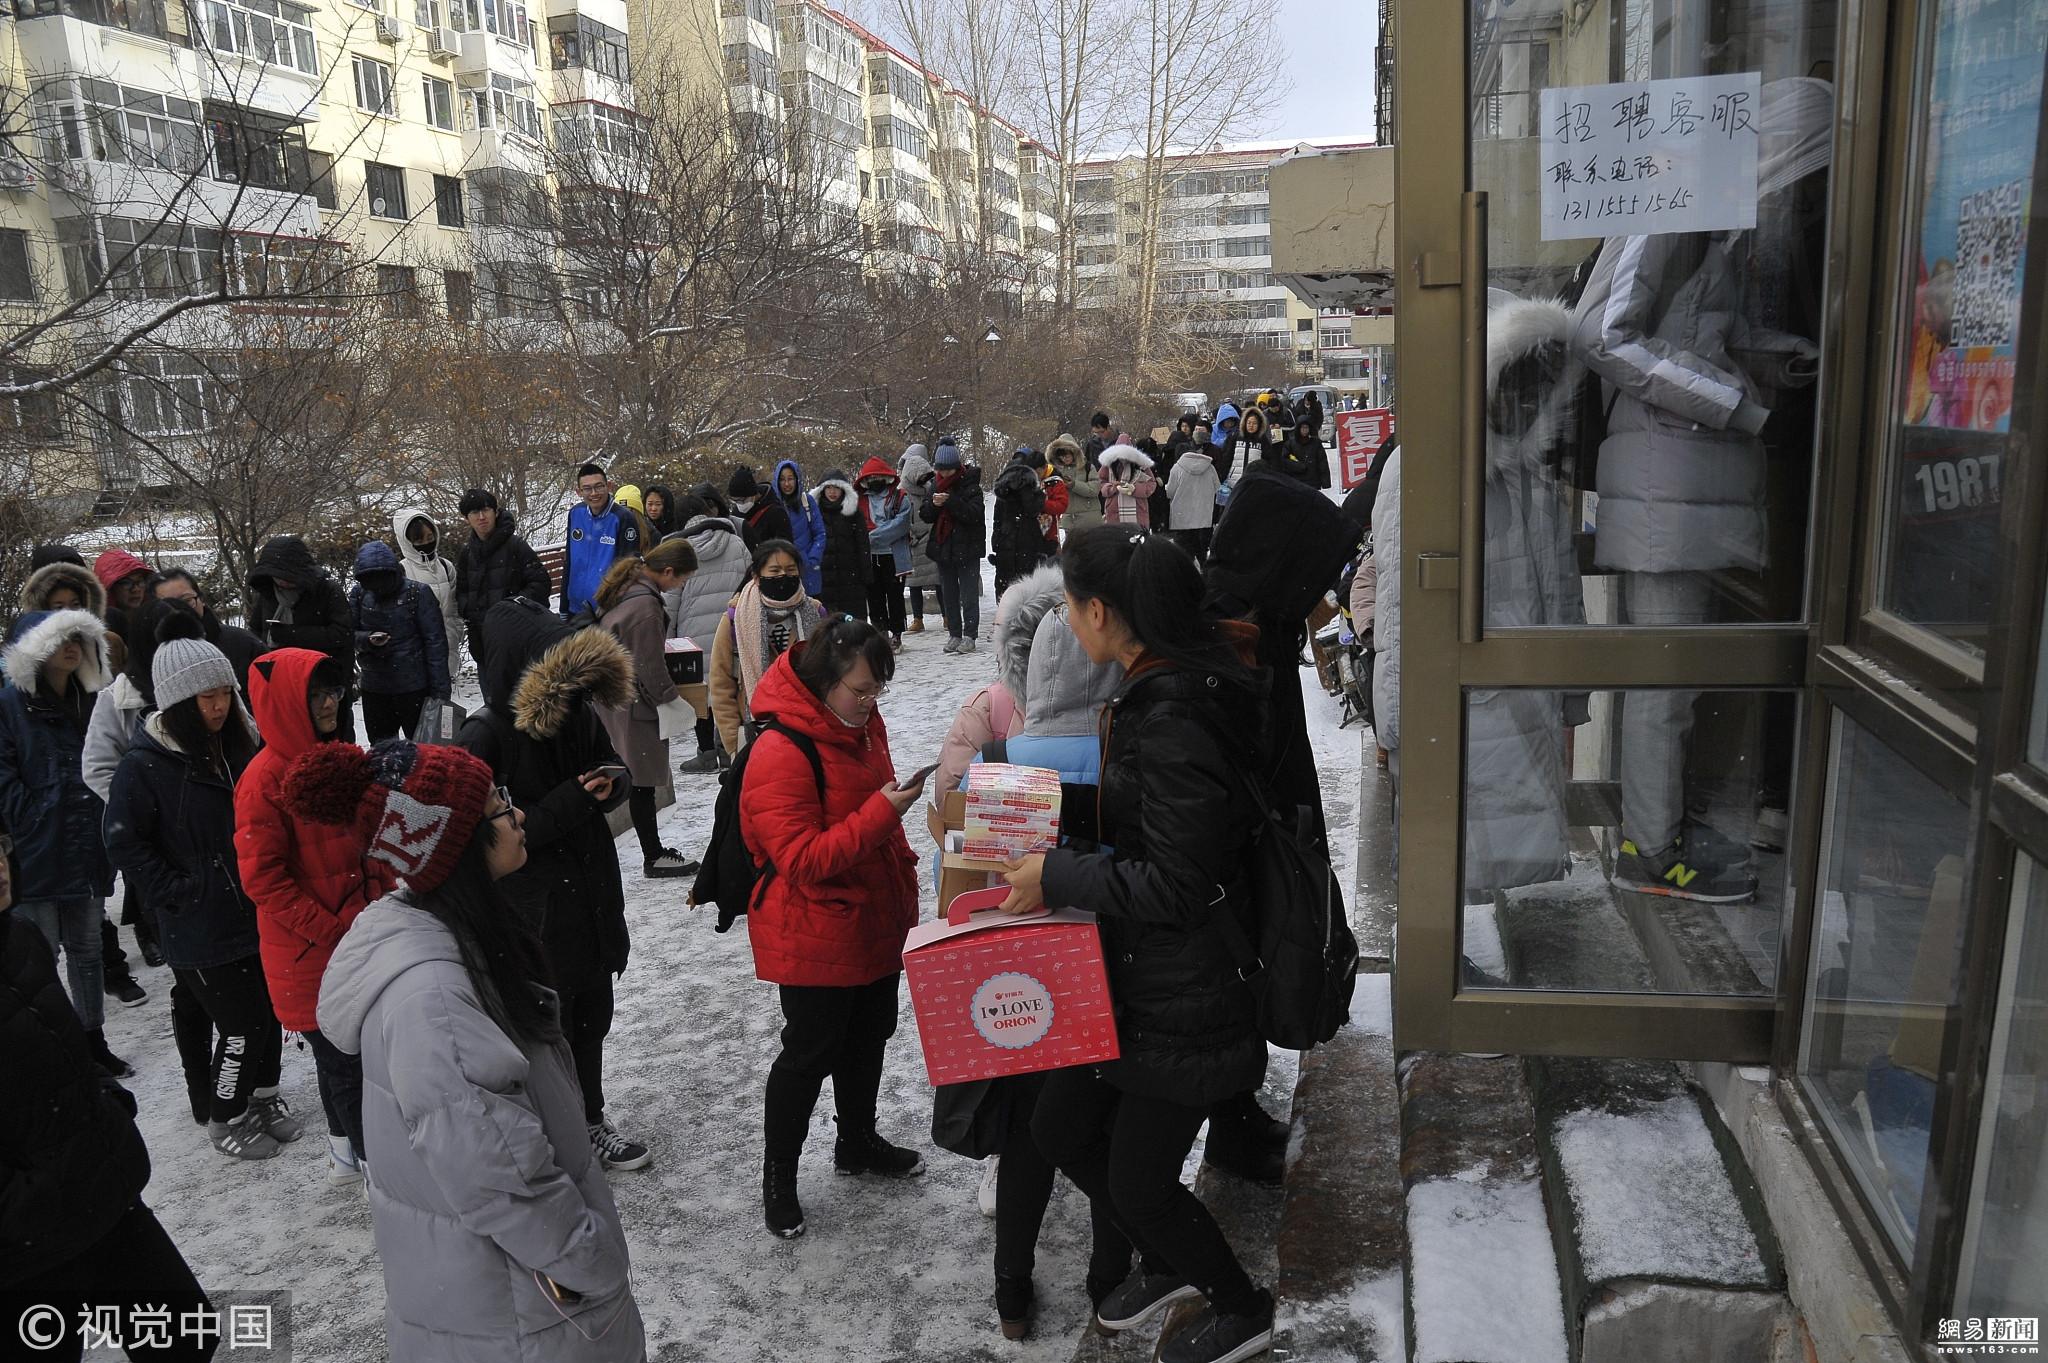 哈尔滨天气寒冷 大学生雪地排队领双11快递 - 周公乐 - xinhua8848 的博客